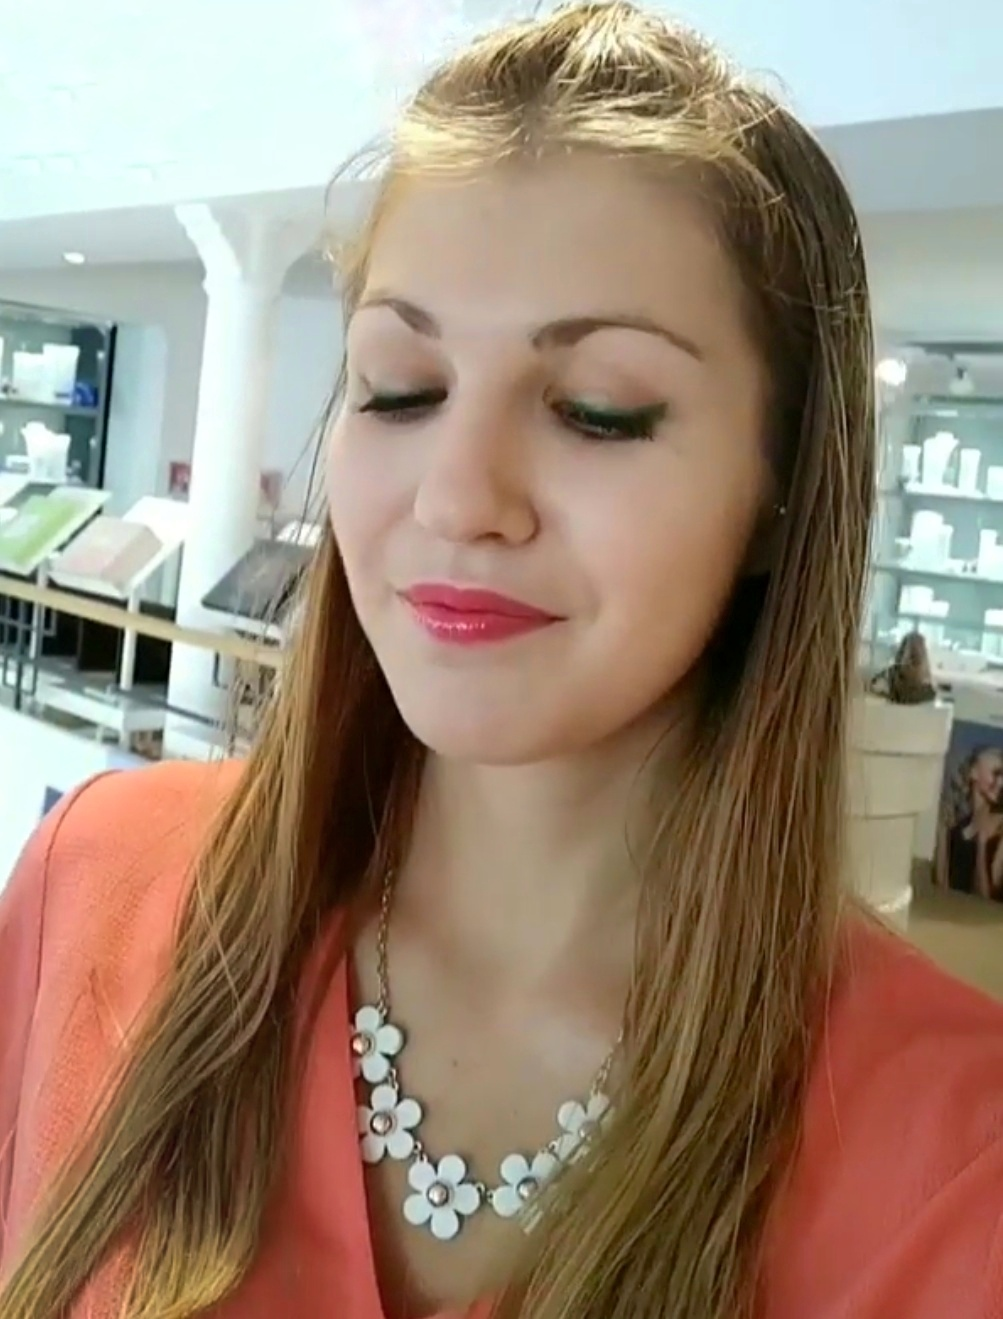 Maquillage blogueuse beauté parfumerie burdin paris - Un maquillage frais pour l'été avec la Parfumerie Burdin